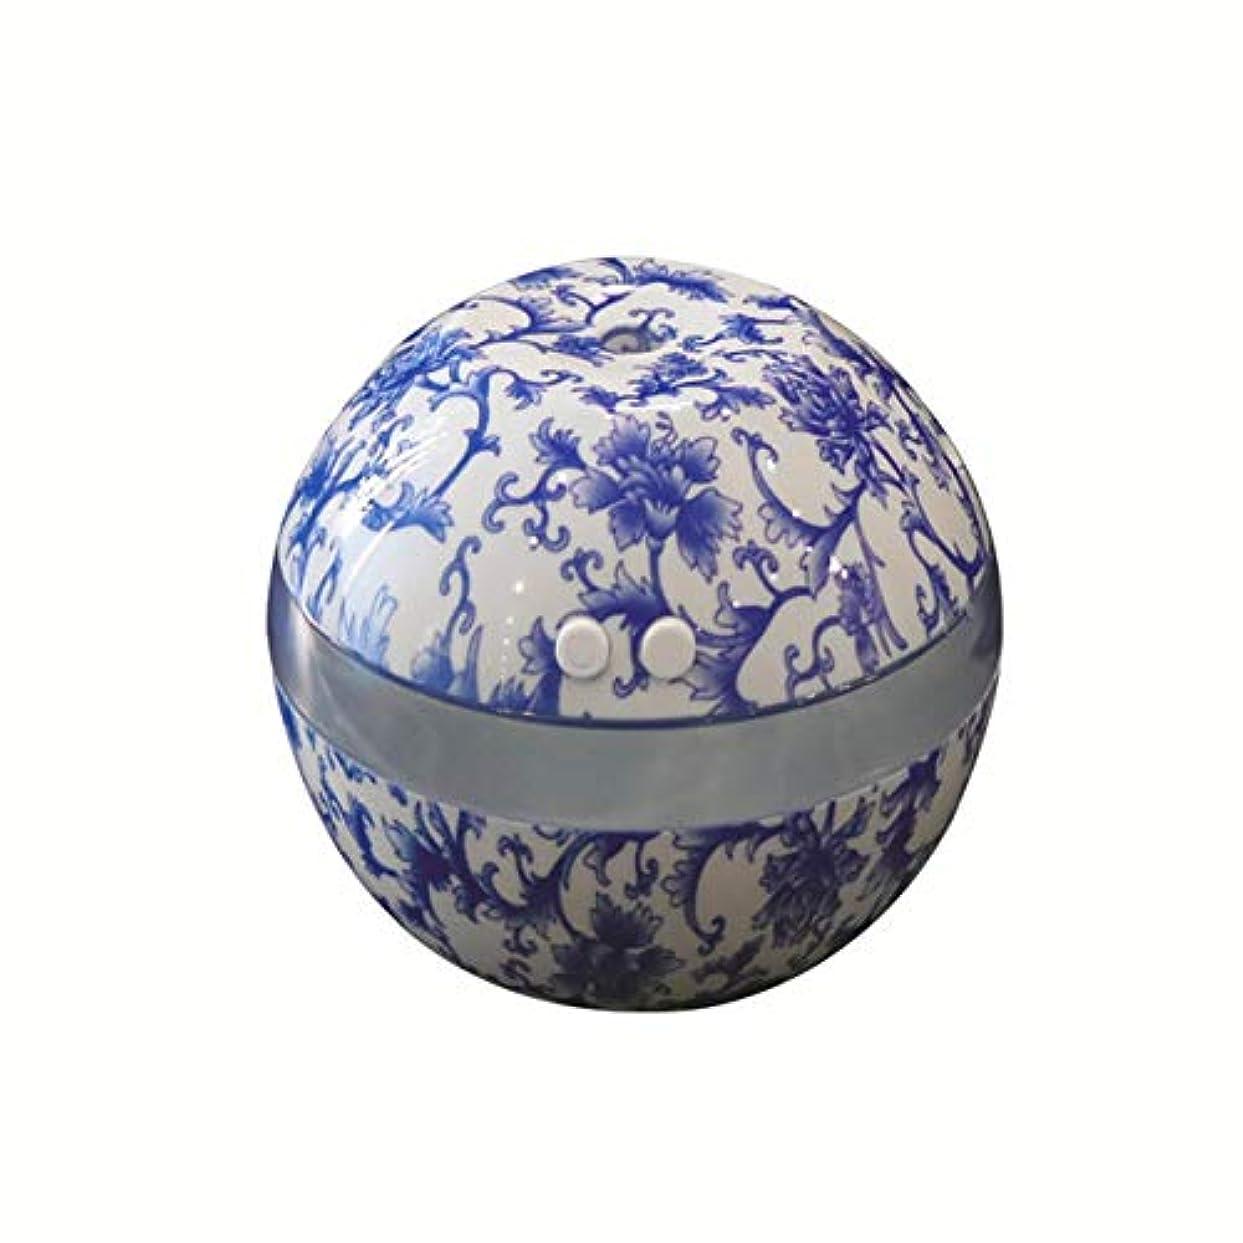 スリーブ面ライナーSaikogoods ブルー&ホワイトの磁器ホームオフィスSPAのための超音波加湿空気加湿器アロマエッセンシャルオイルディフューザーアロマセラピー 白青